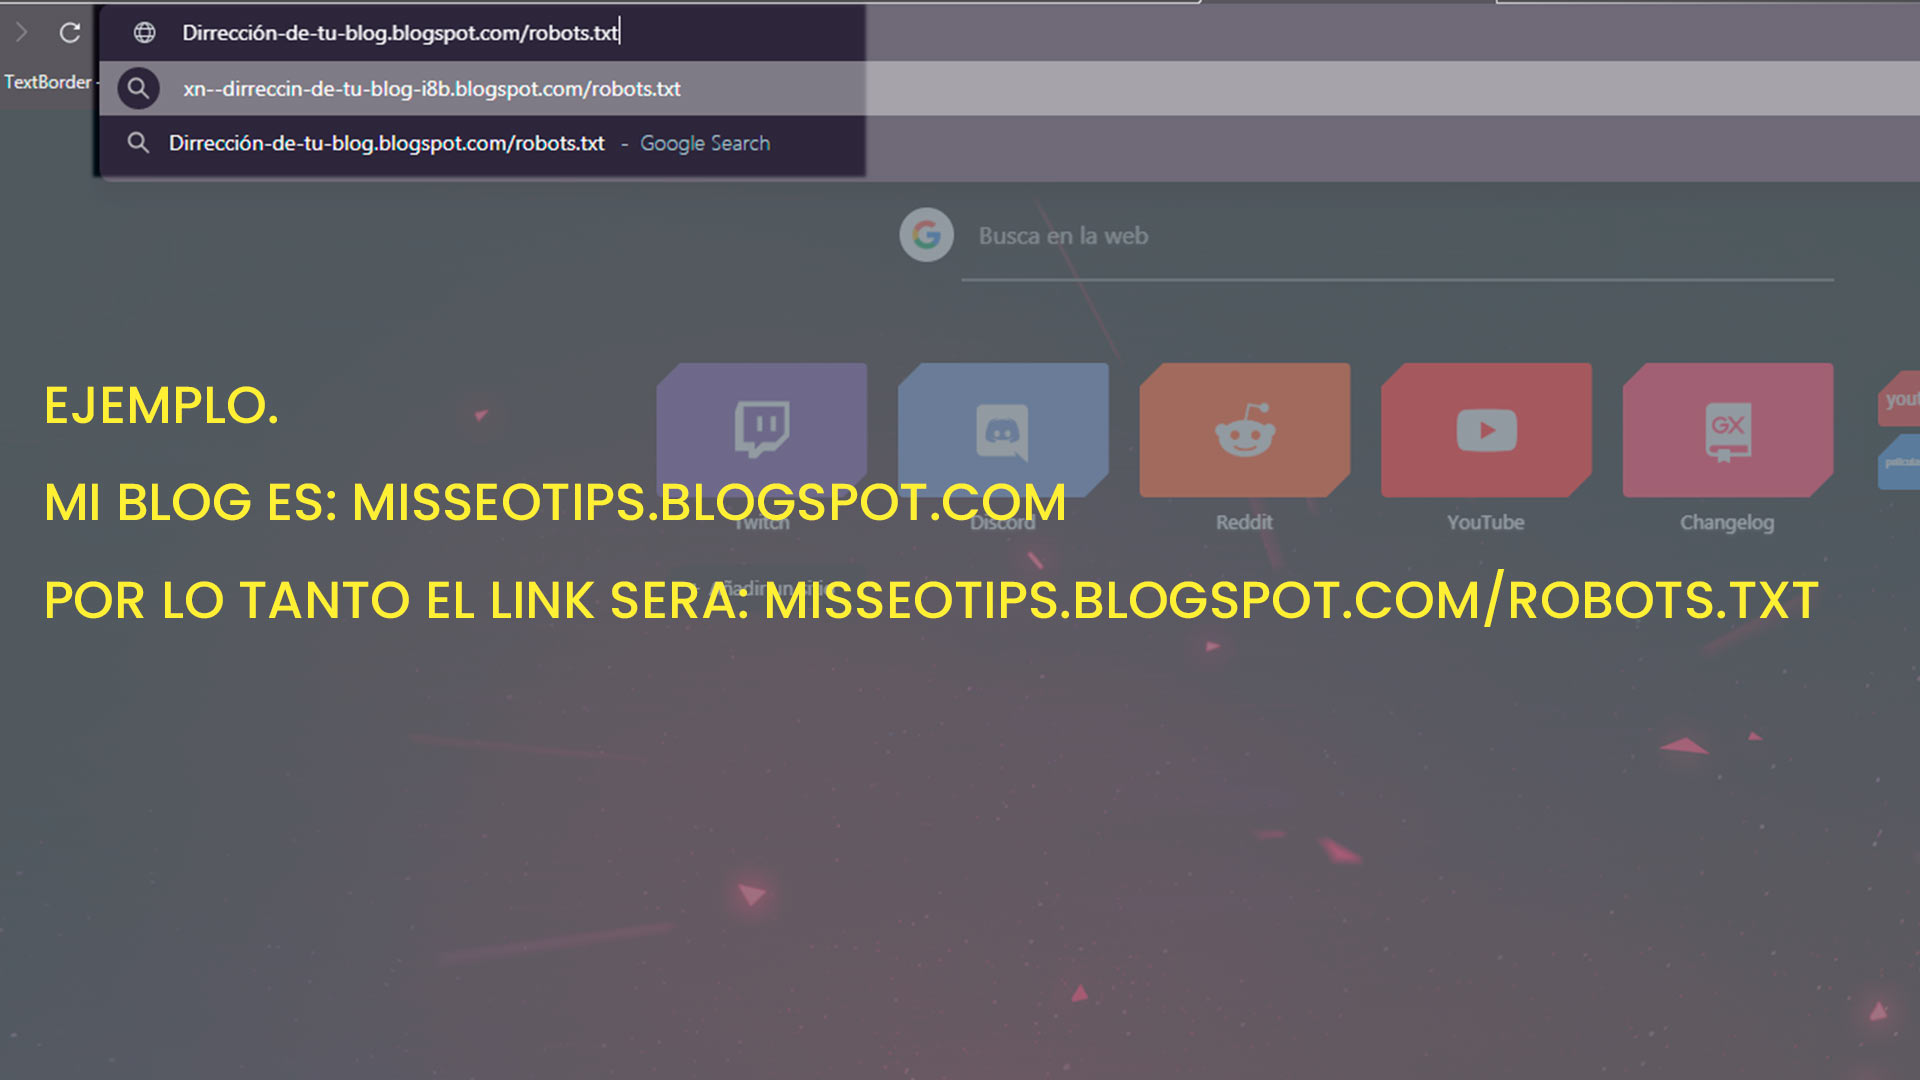 Indexar mi blog a Google y Bing FÁCIL Y RÁPIDO | 2020